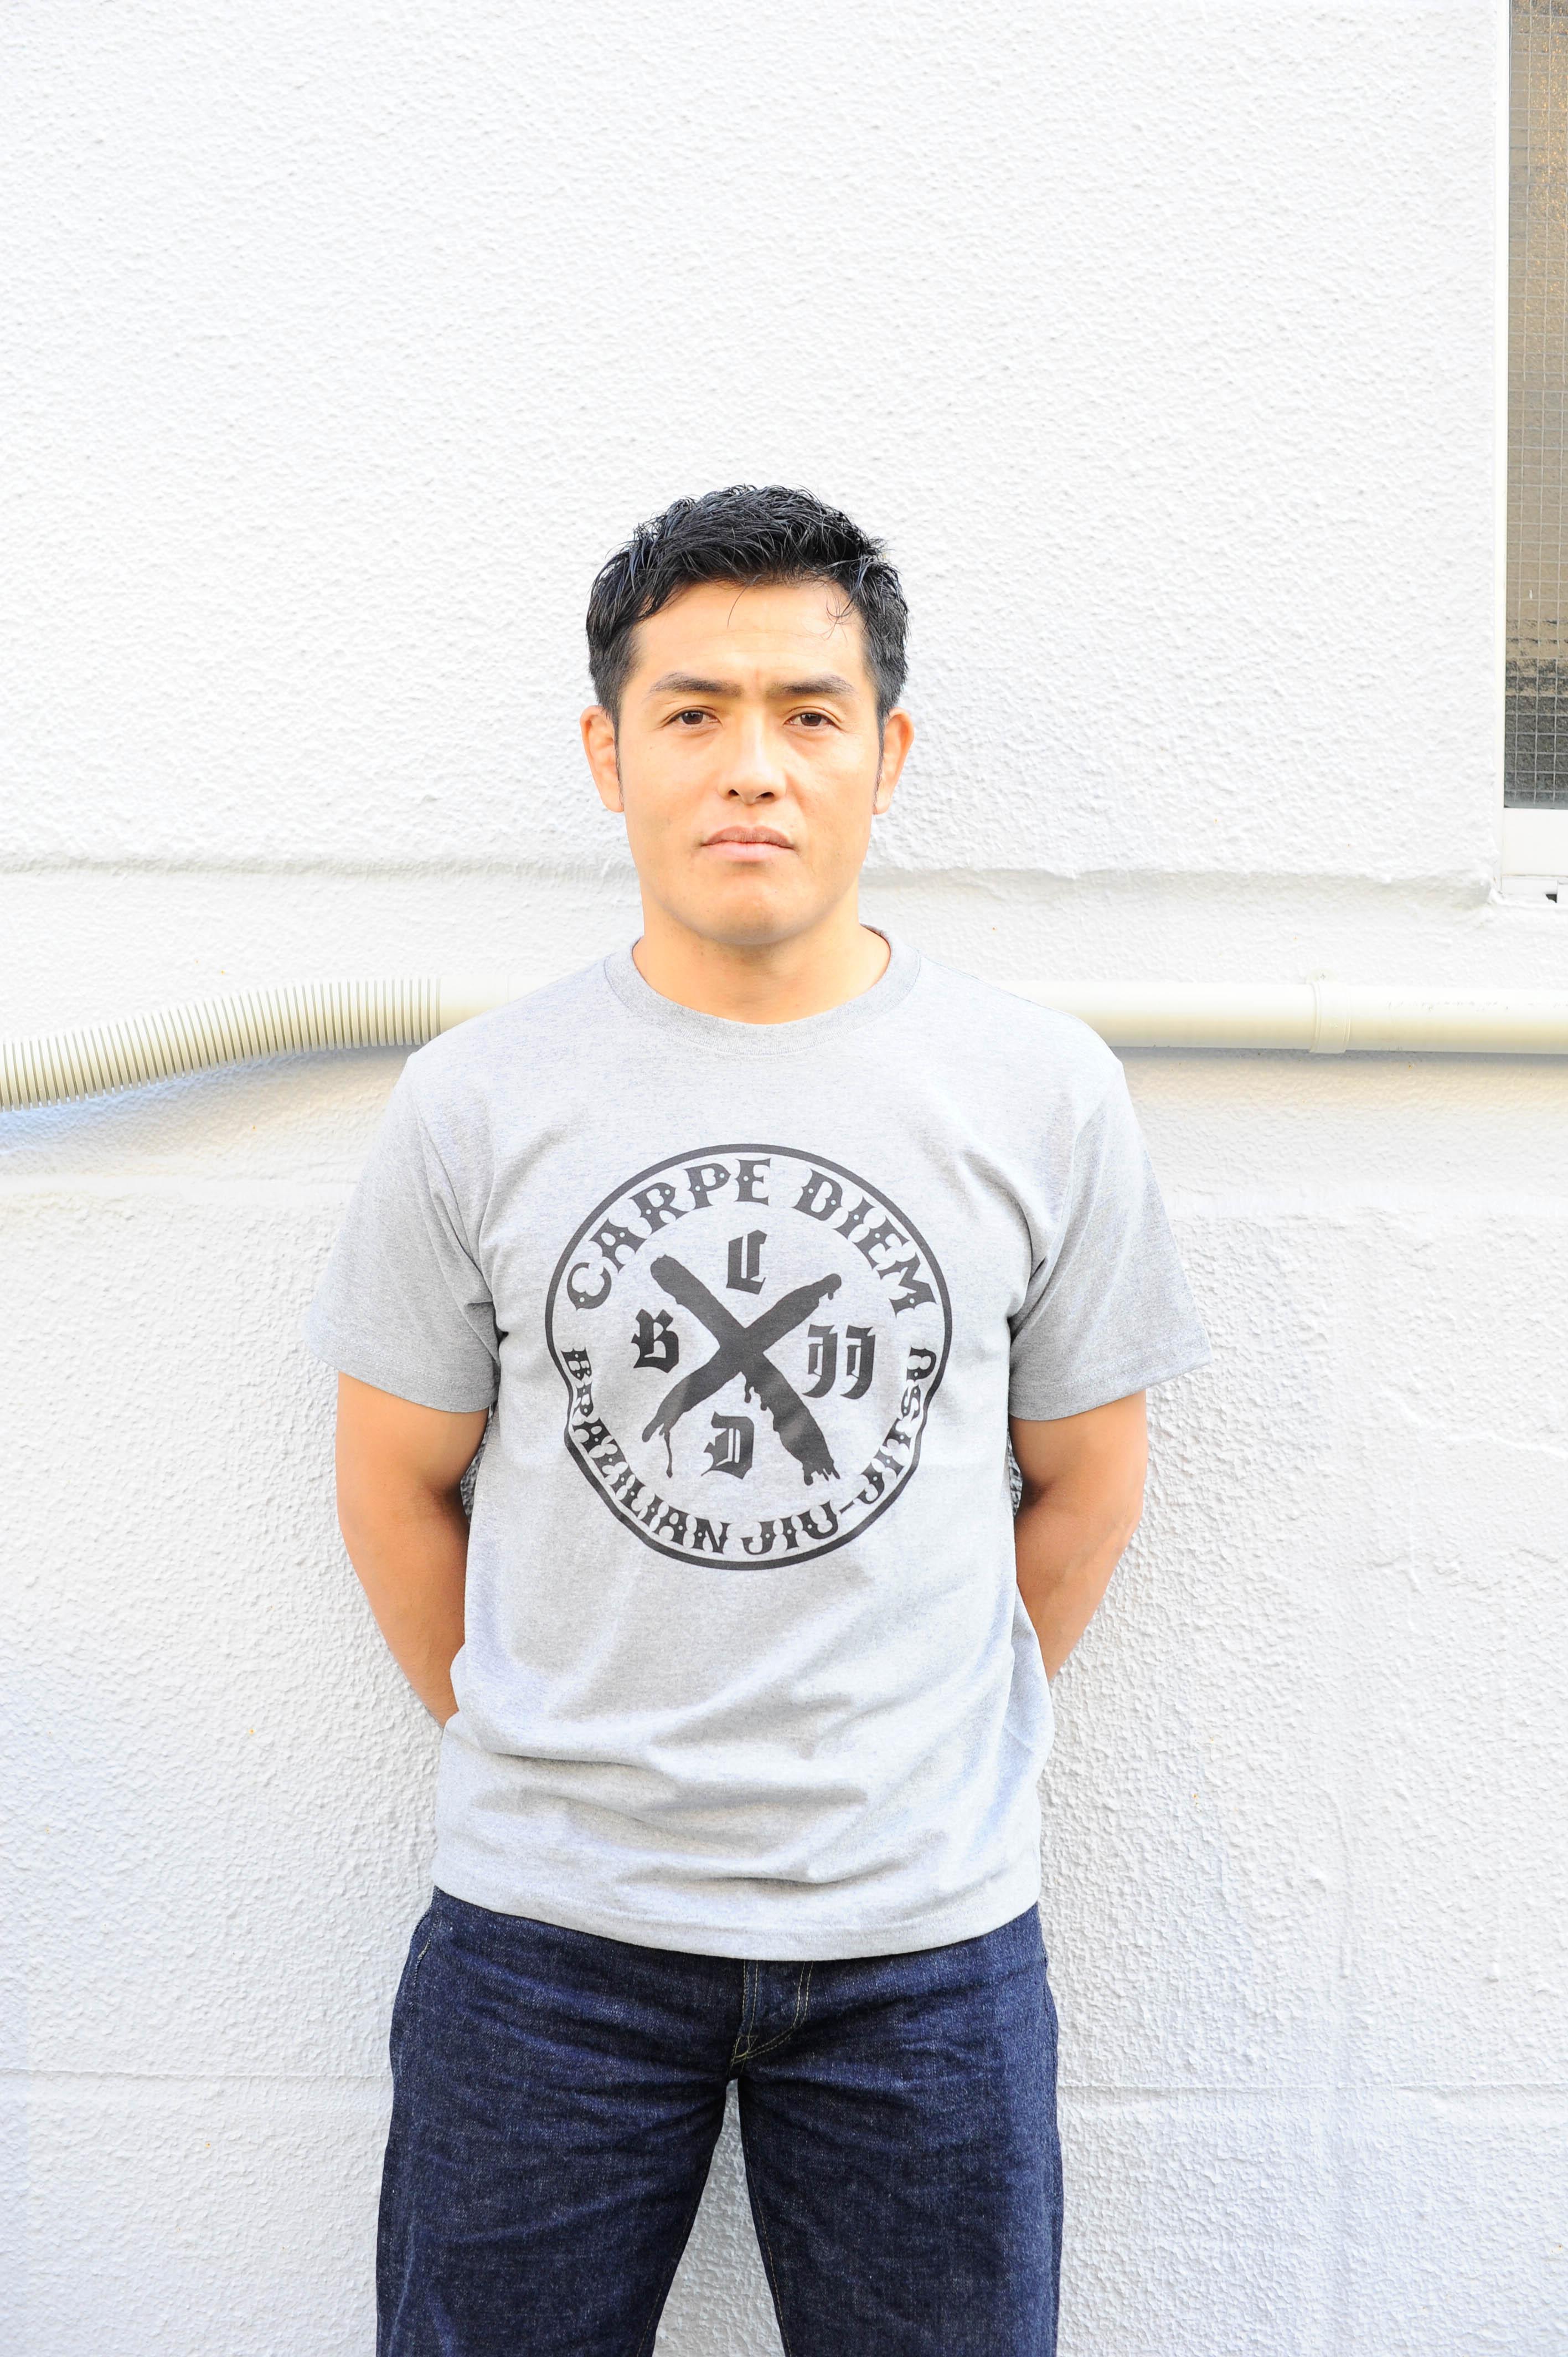 CARPE DIEM LOGO Tシャツの新色(グレー)